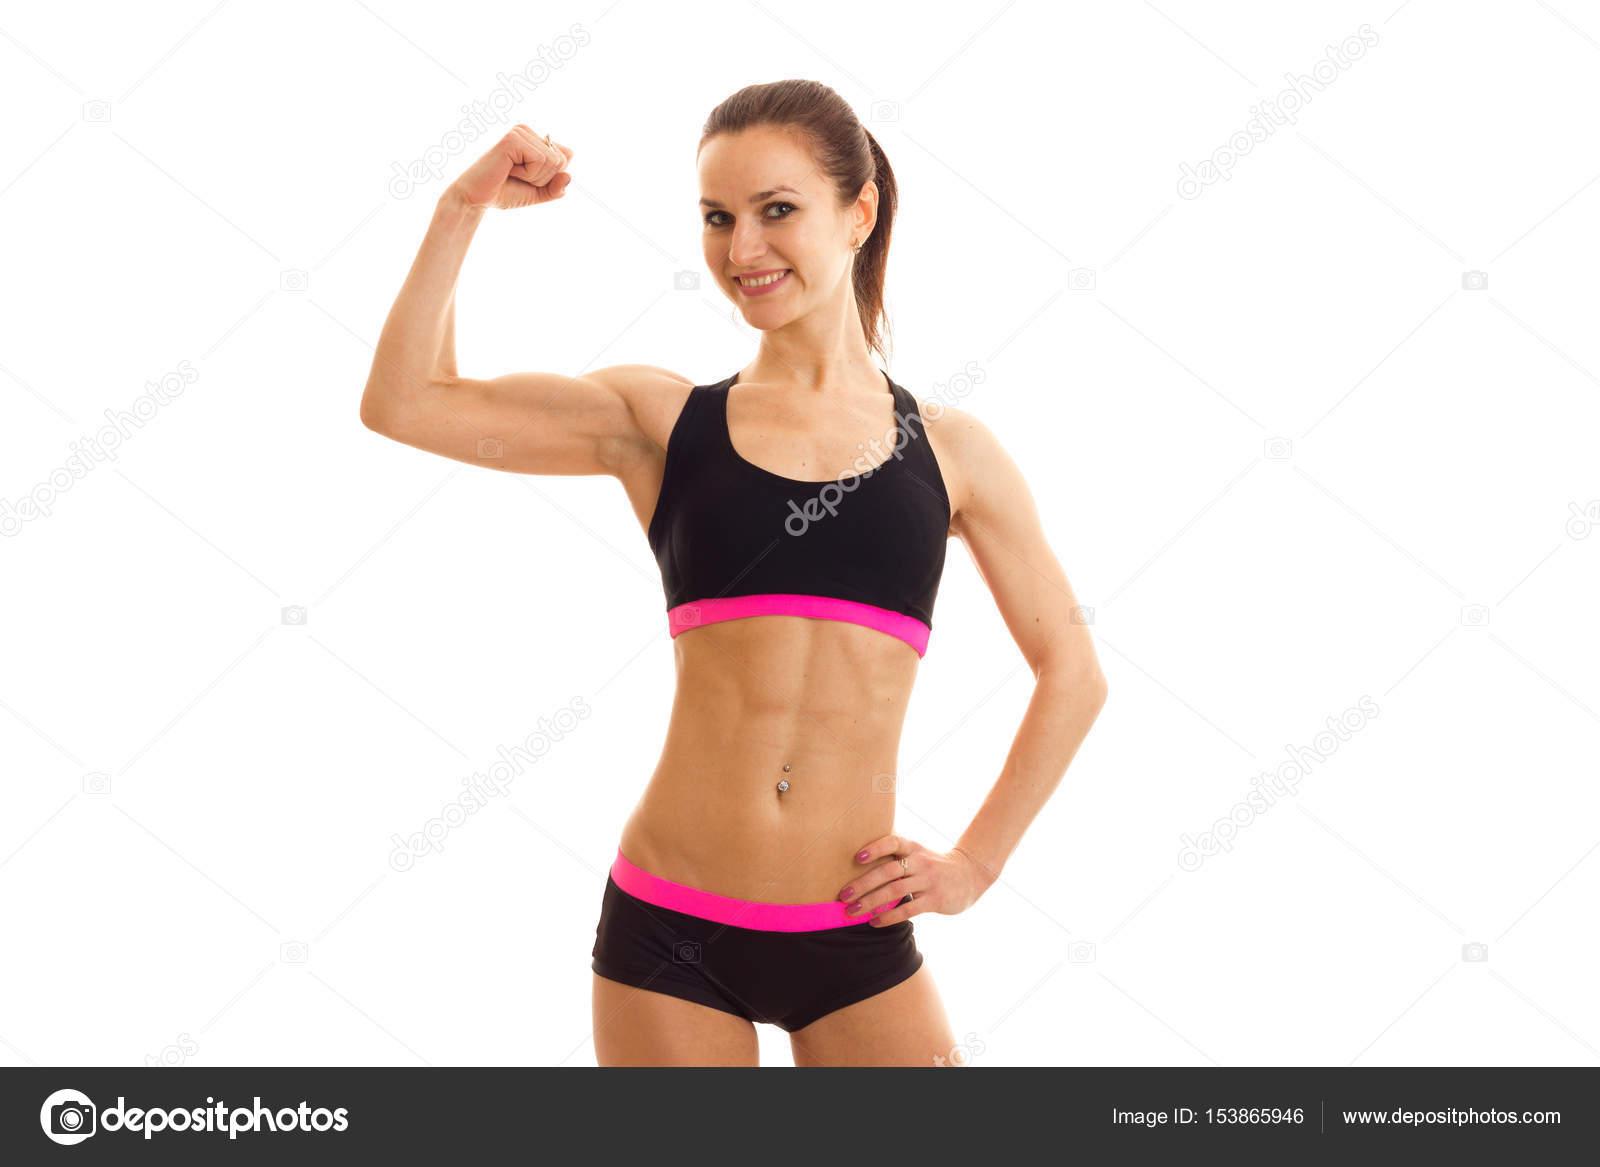 d4414296eb2fa Jolie fille athlétique dans un top court et shorts semble droite ...